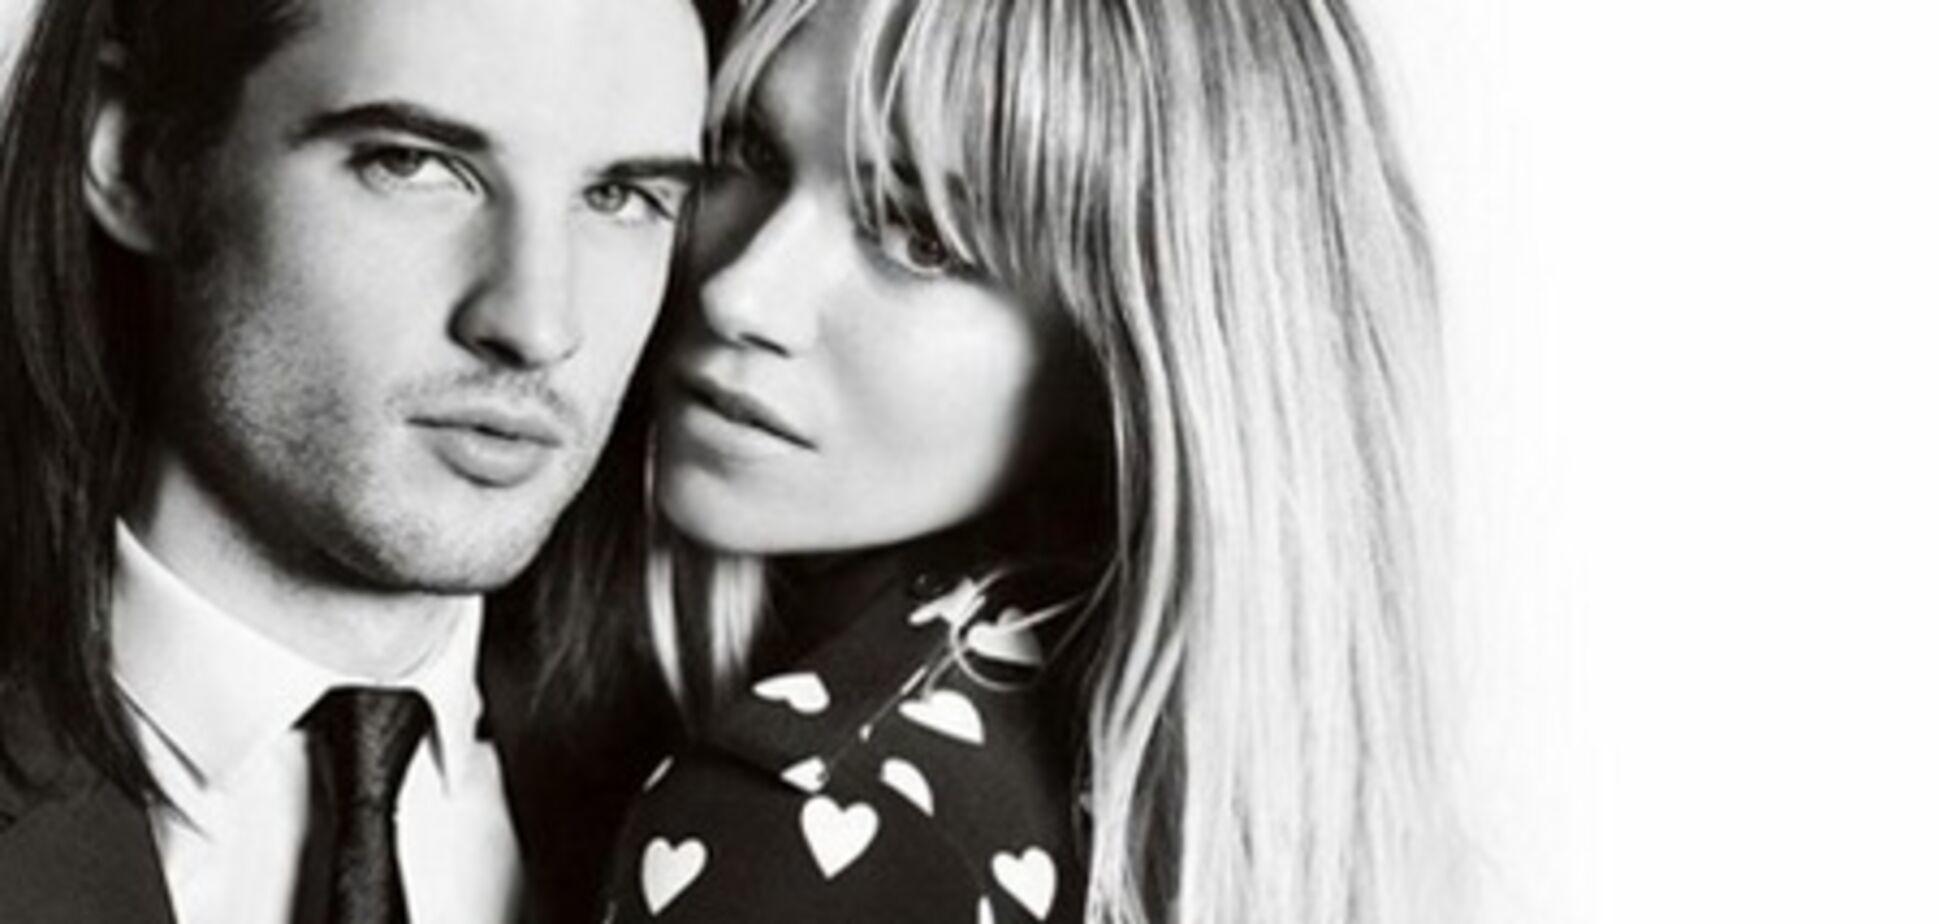 Сиенна Миллер с женихом: любовь в качестве рекламы